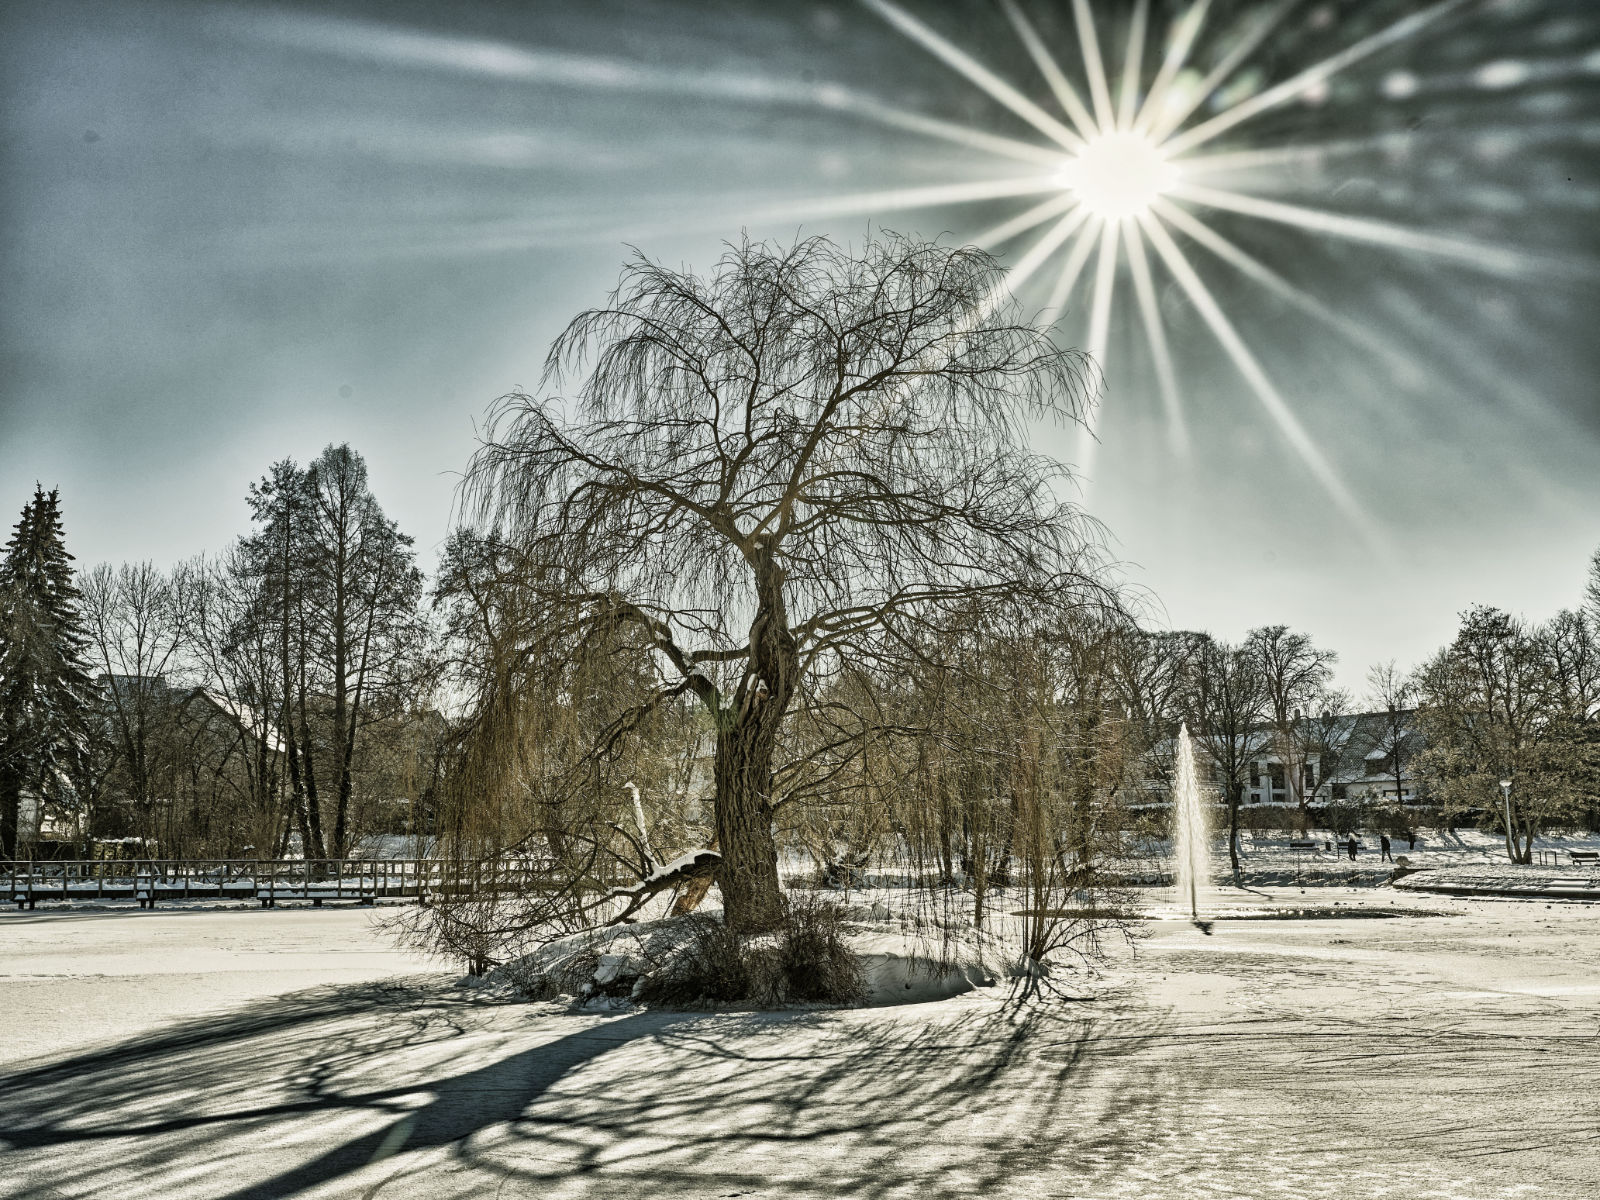 Das Bild wurde mit NIK Color Efex bearbeitet.